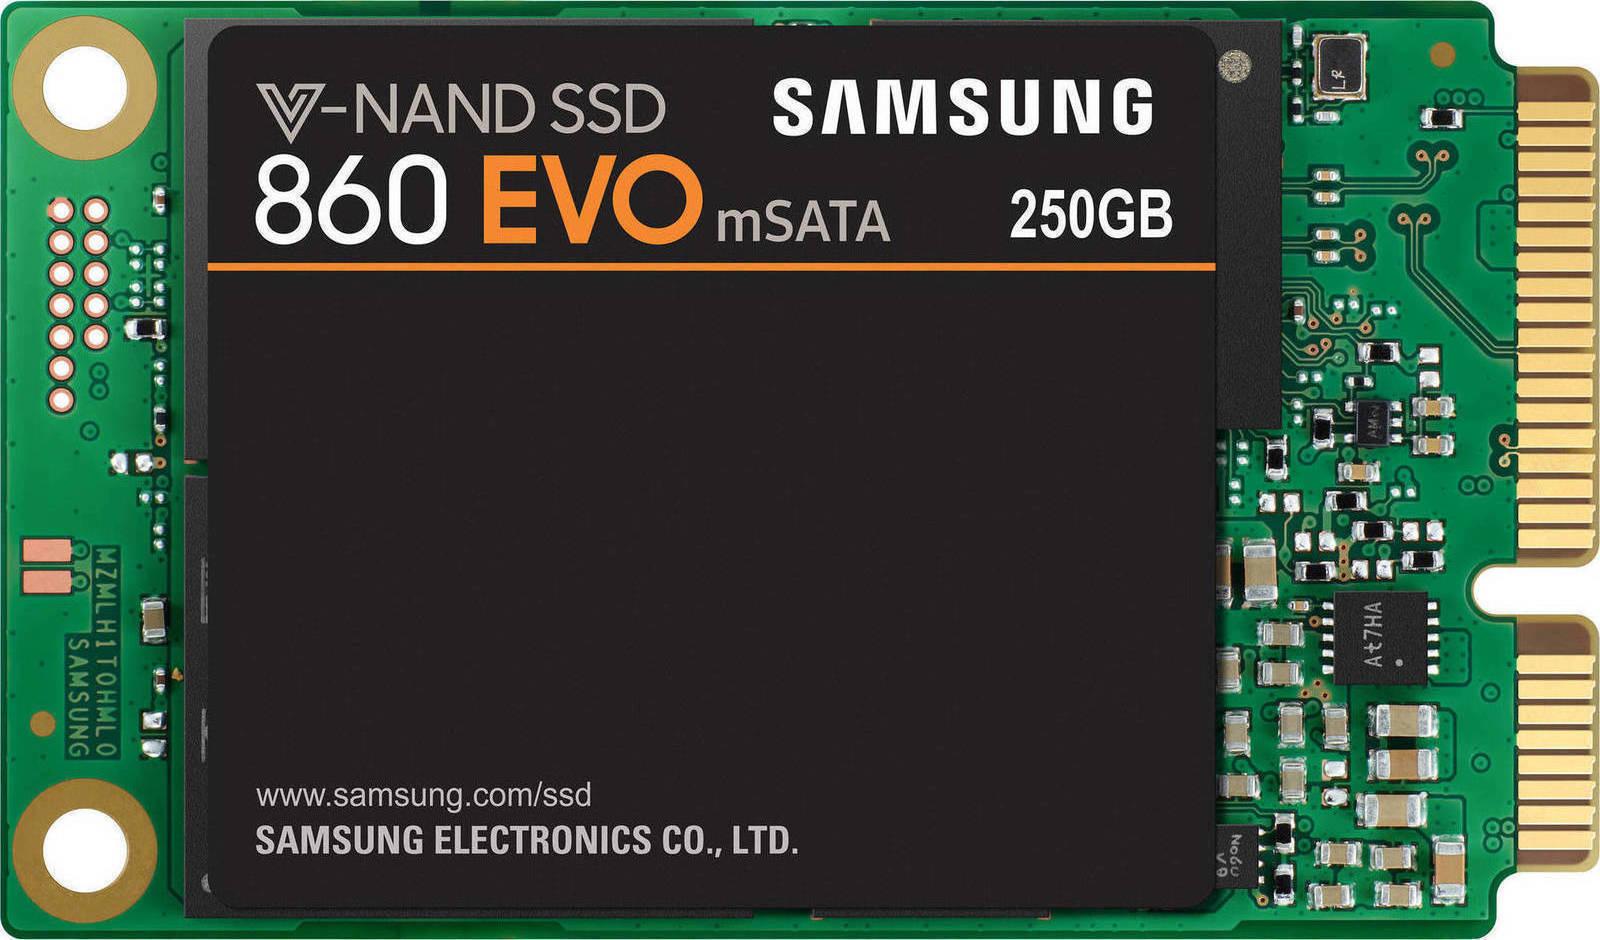 Samsung 860 Evo mSATA 250GB Σκληρός Δίσκος SSD